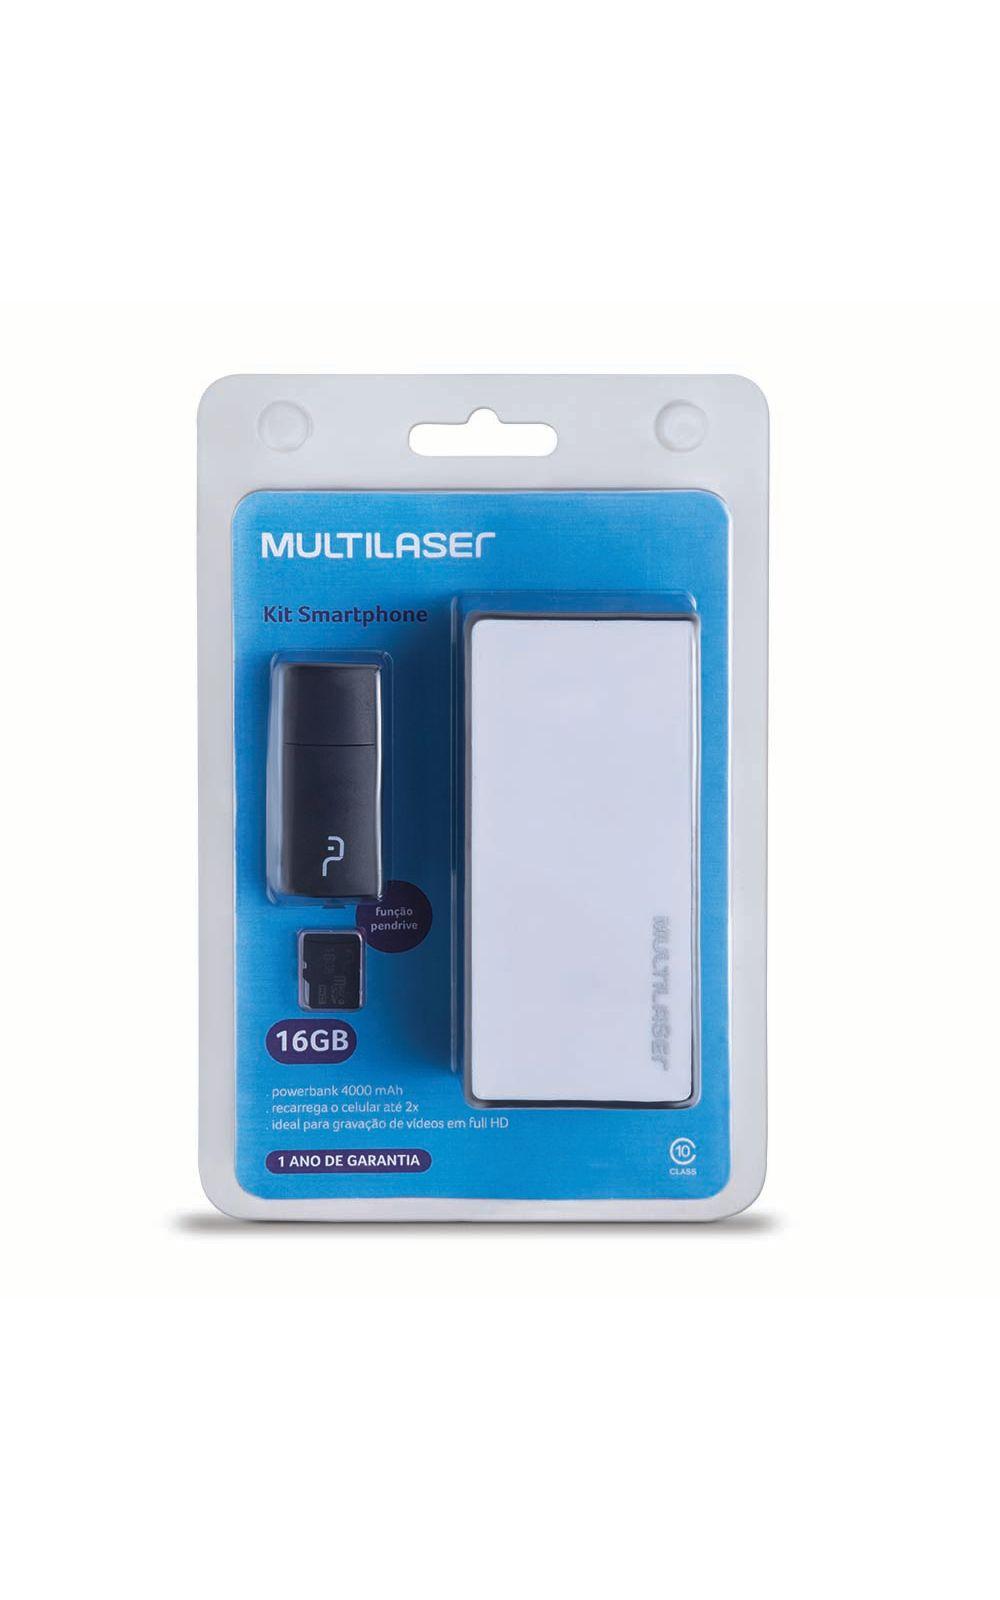 Foto 2 - Kit Power Bank + Pendrive + Cartão de Memória Micro SD com 16GB Multilaser - MC220